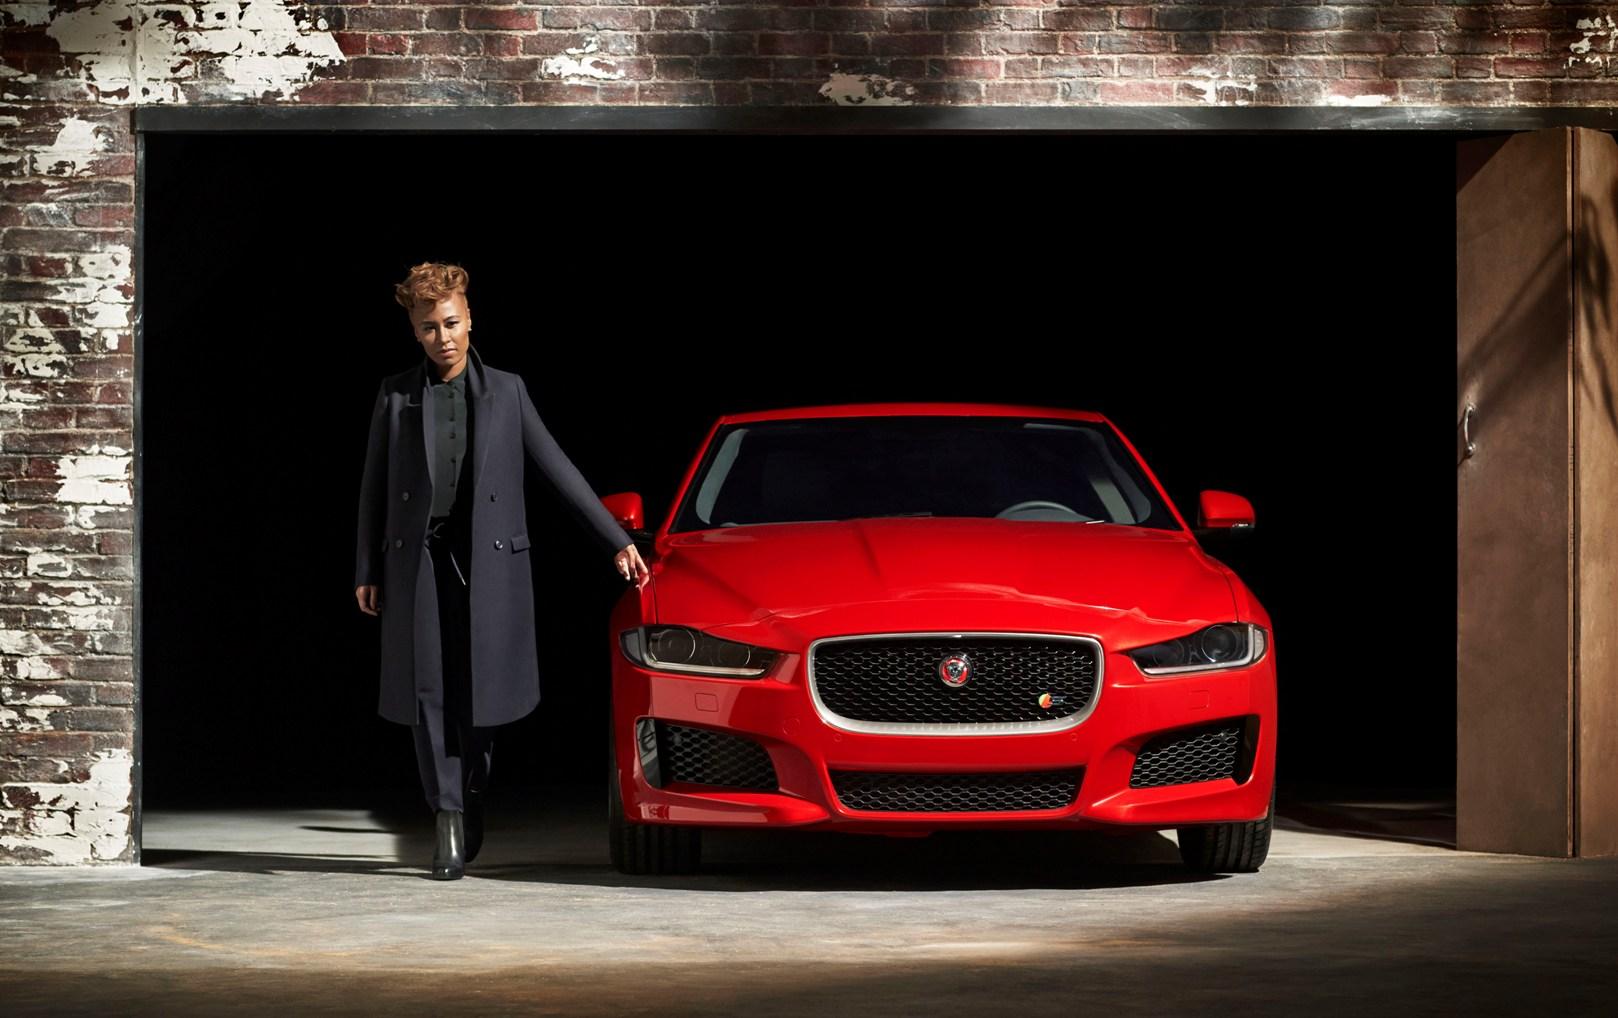 Emeli Sandé & Jaguar per il lancio della nuova XE